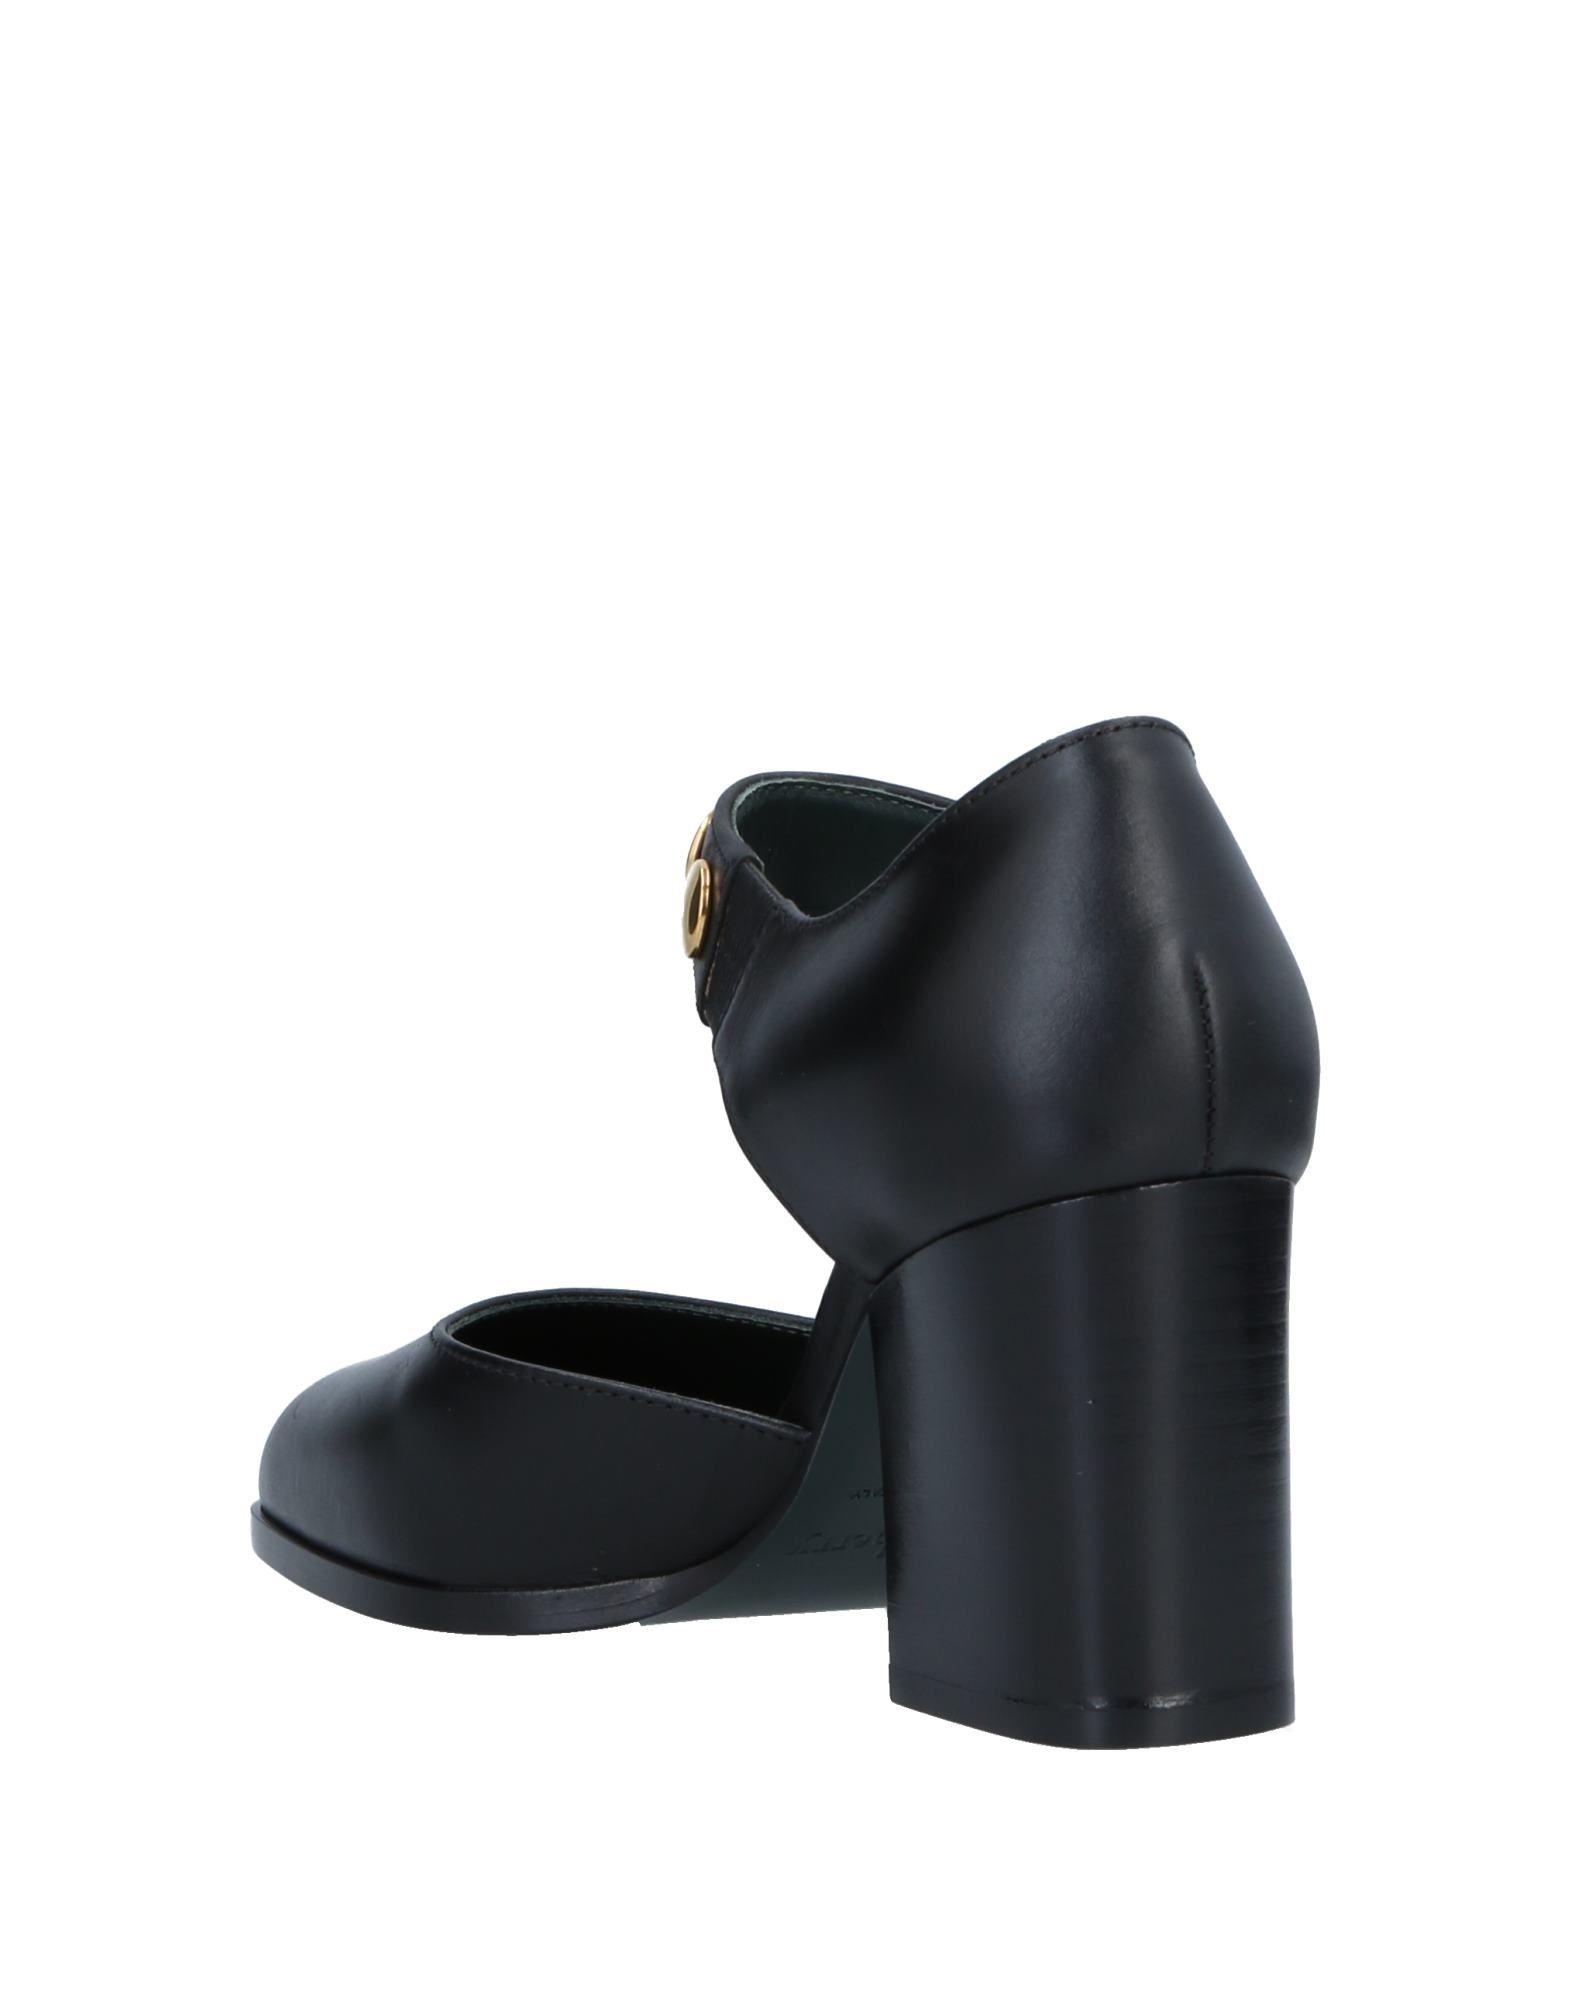 Rabatt Schuhe Mulberry Pumps  Damen  Pumps 11539038WA e7d63c